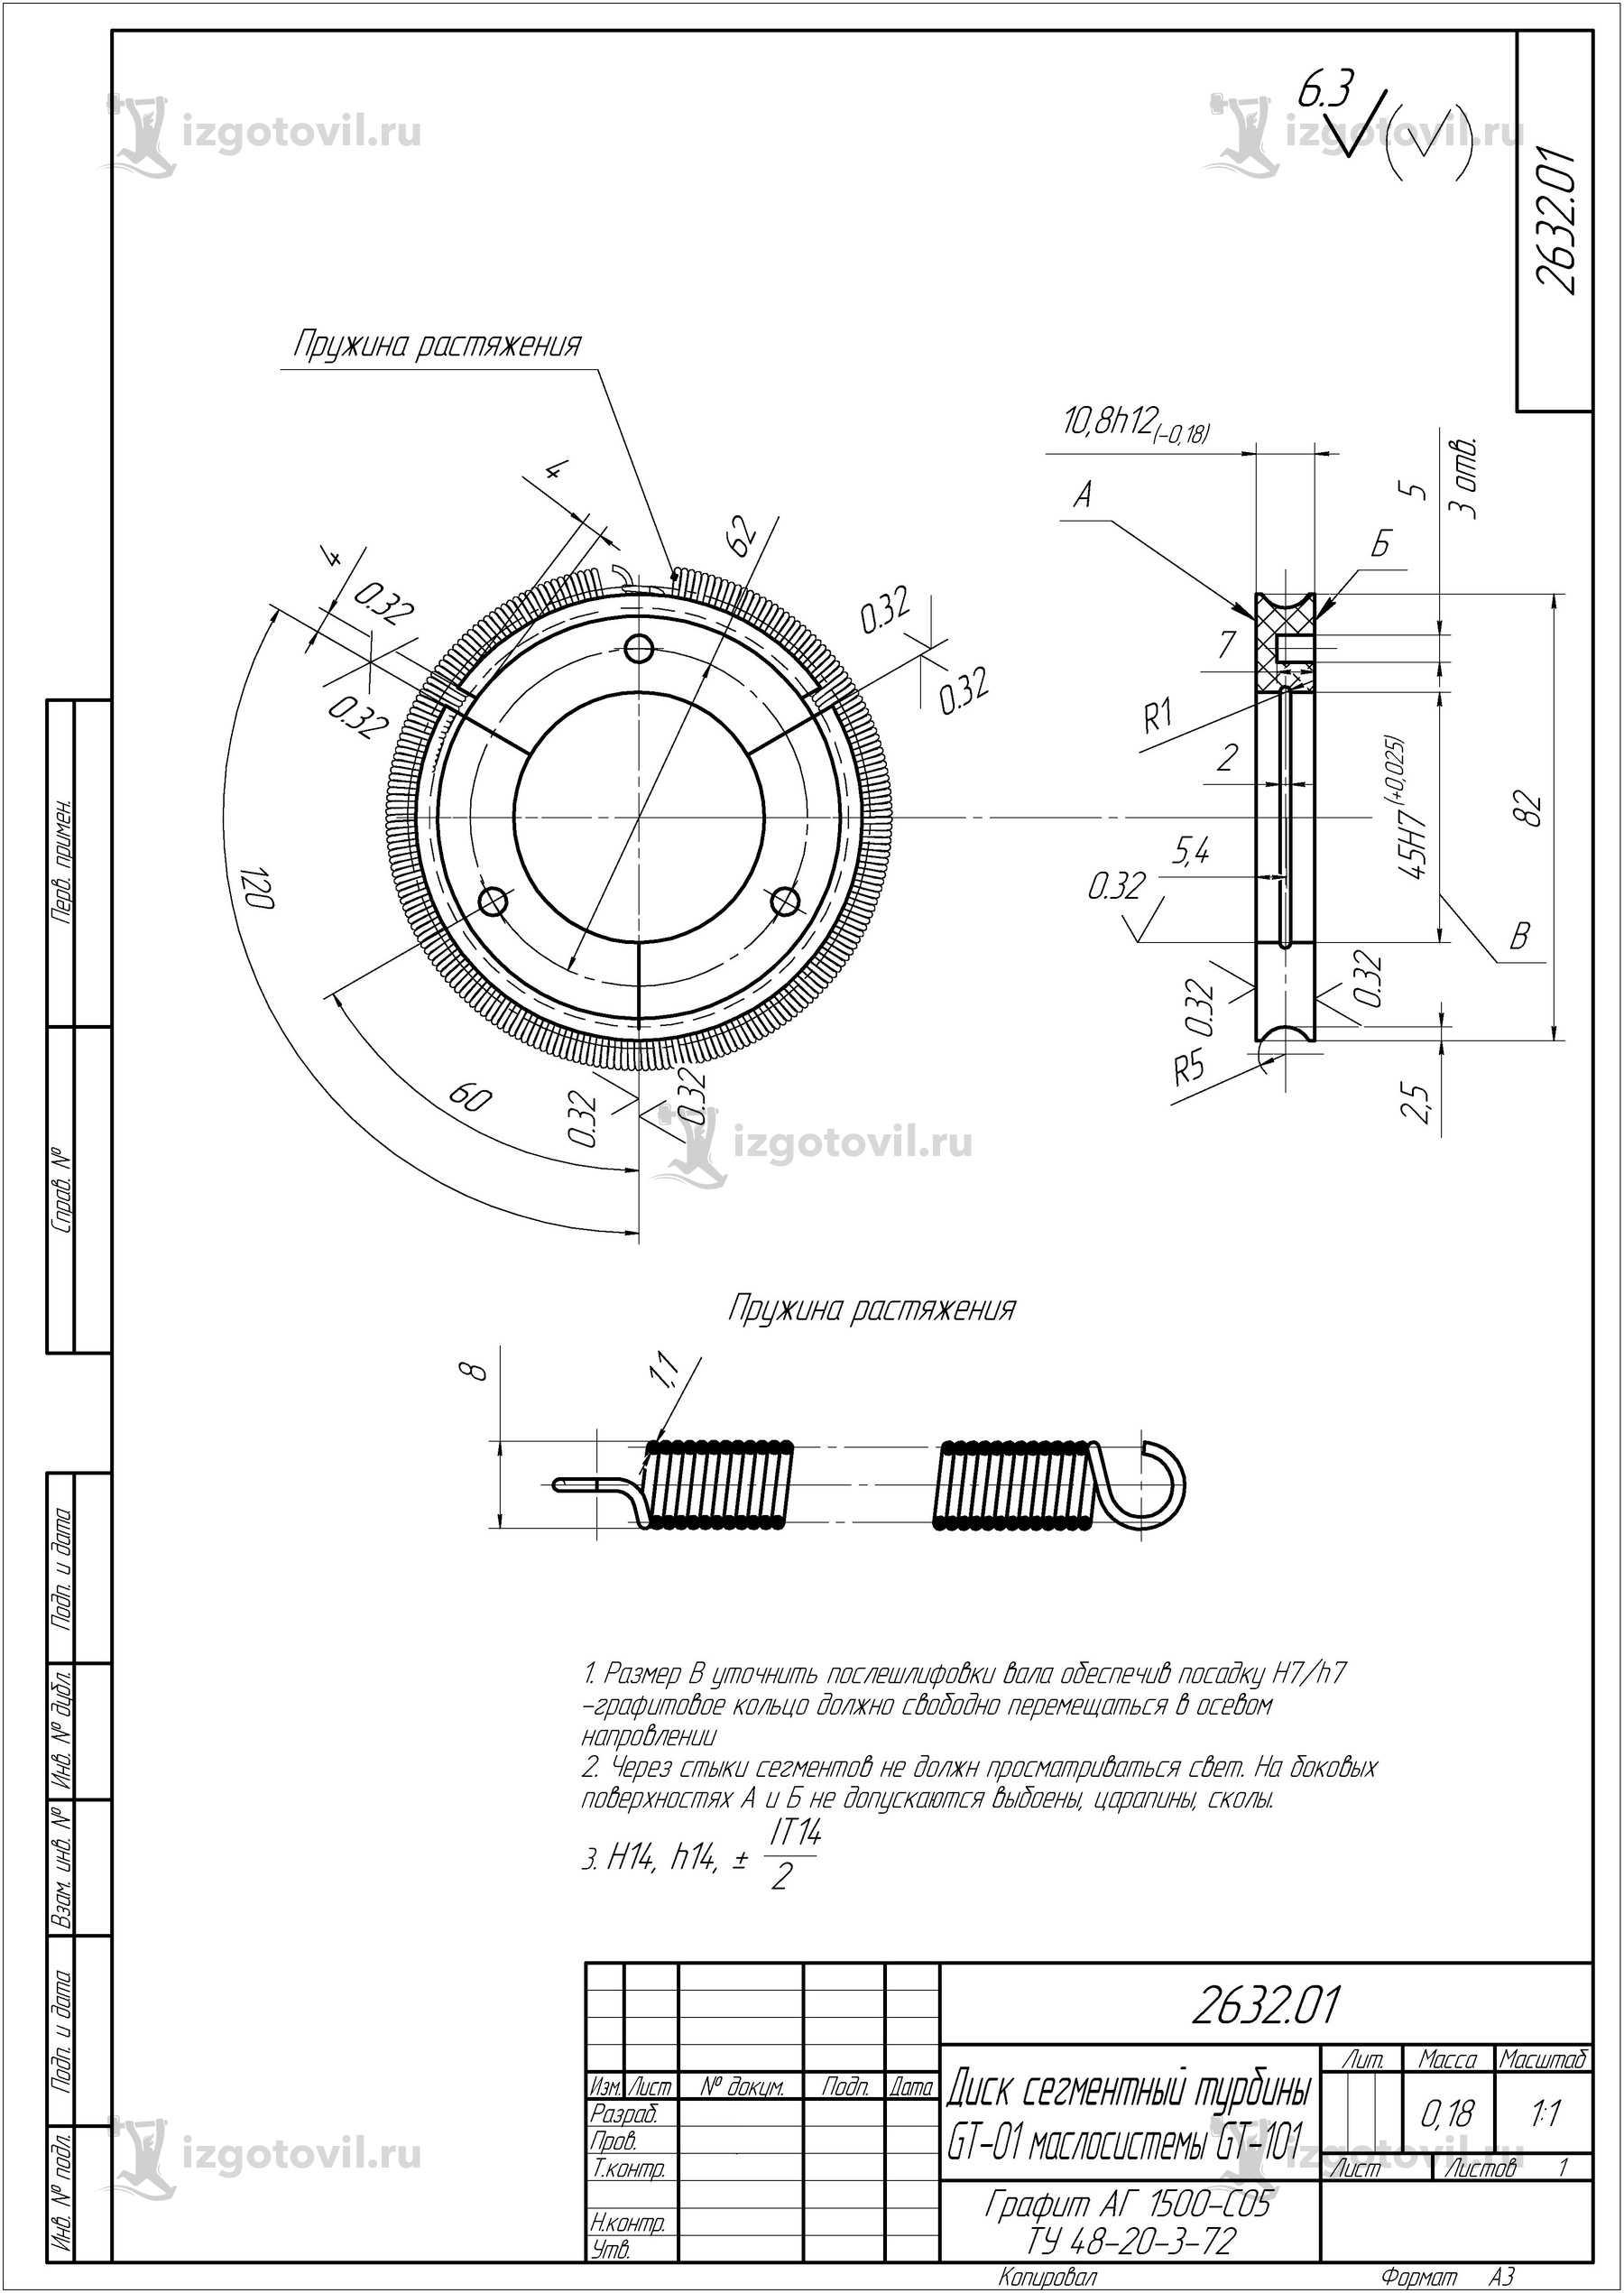 Изготовление деталей по чертежам (штоки в ассортименте)